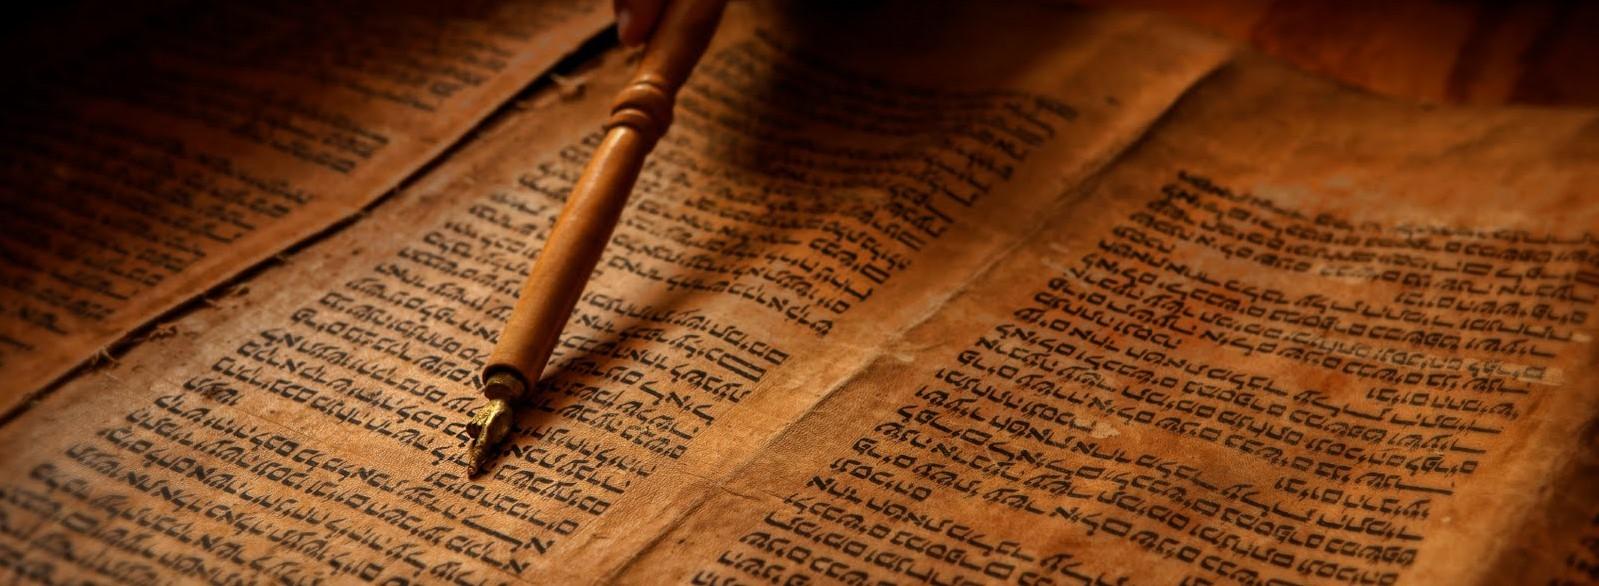 Tahrife uğramış, akıl ve ahlak dışı uydurmalar katılmış olan İNCİL VE TEVRAT'IN, KUR'AN İLE UYUMLU KALMIŞ BAZI KISIMLARI